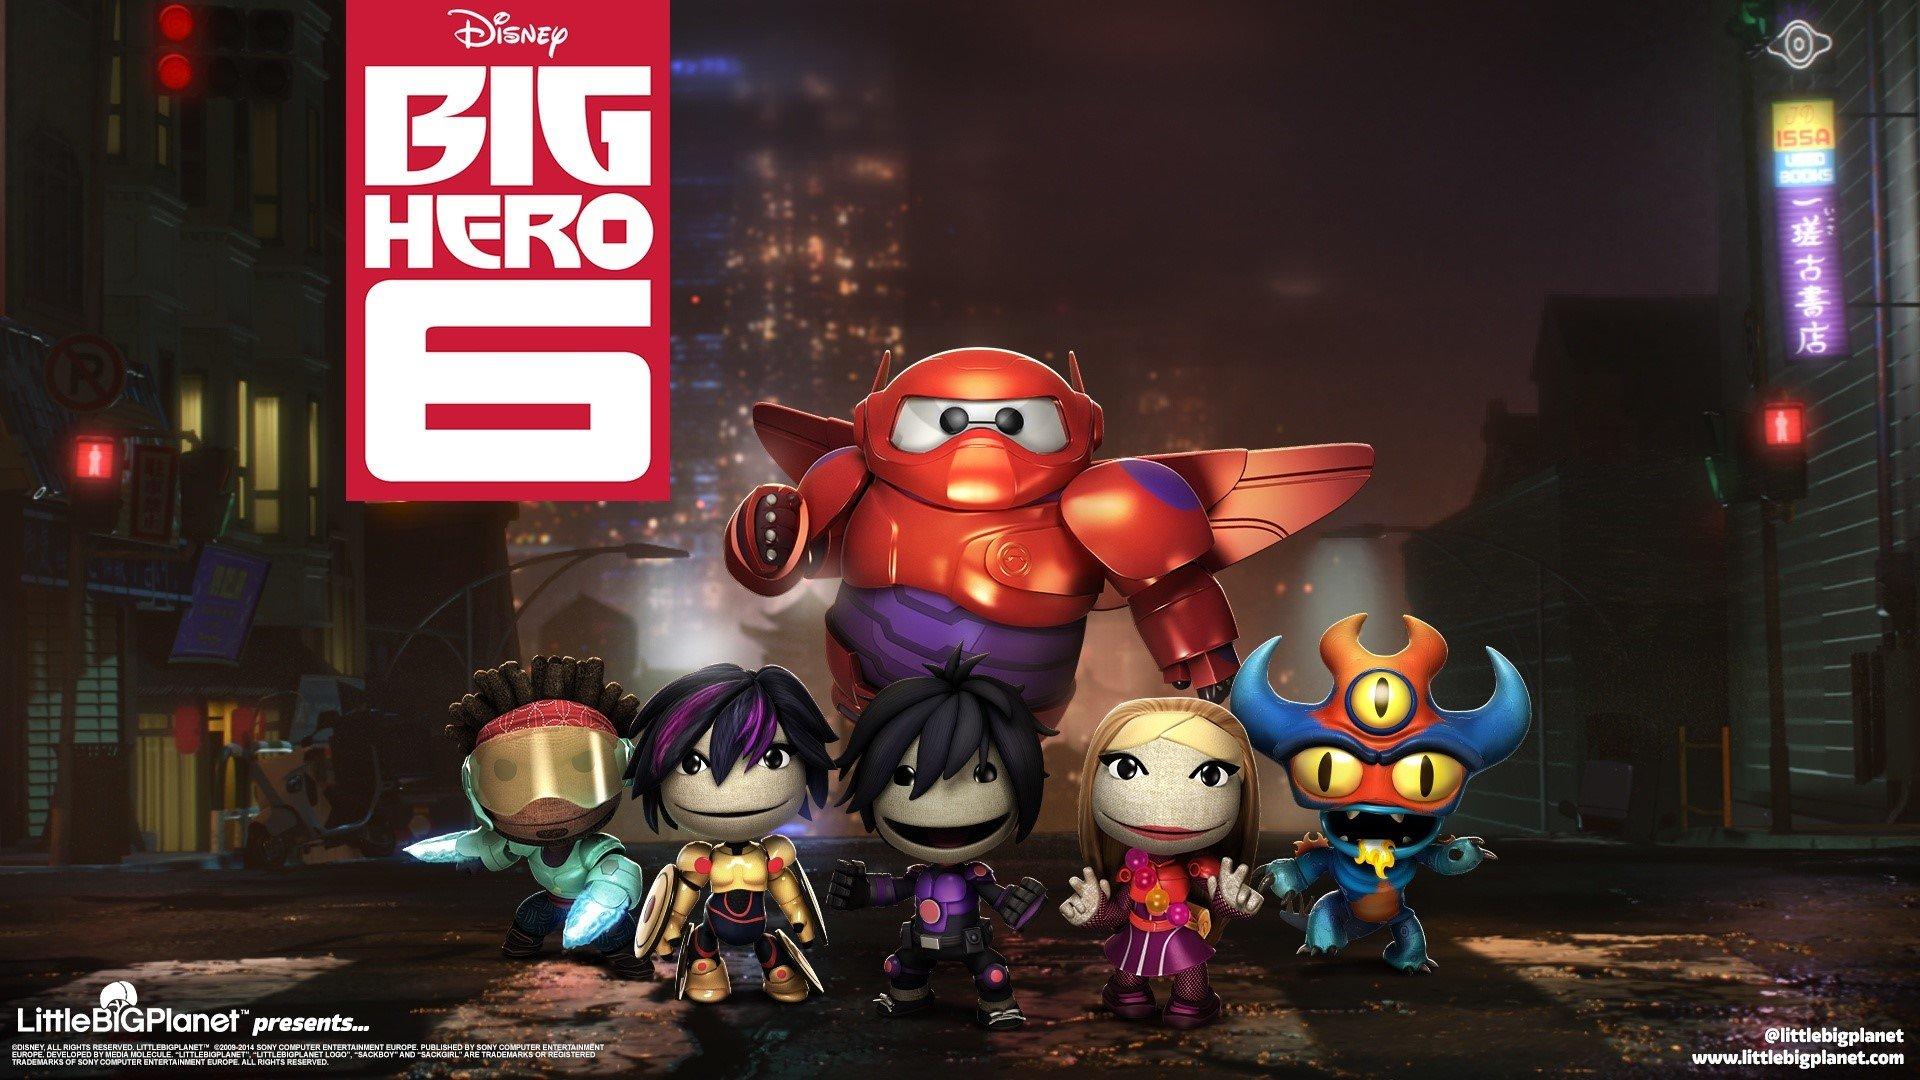 Fondo de pantalla de Personajes de Big Hero como Littlebigplanet Imágenes